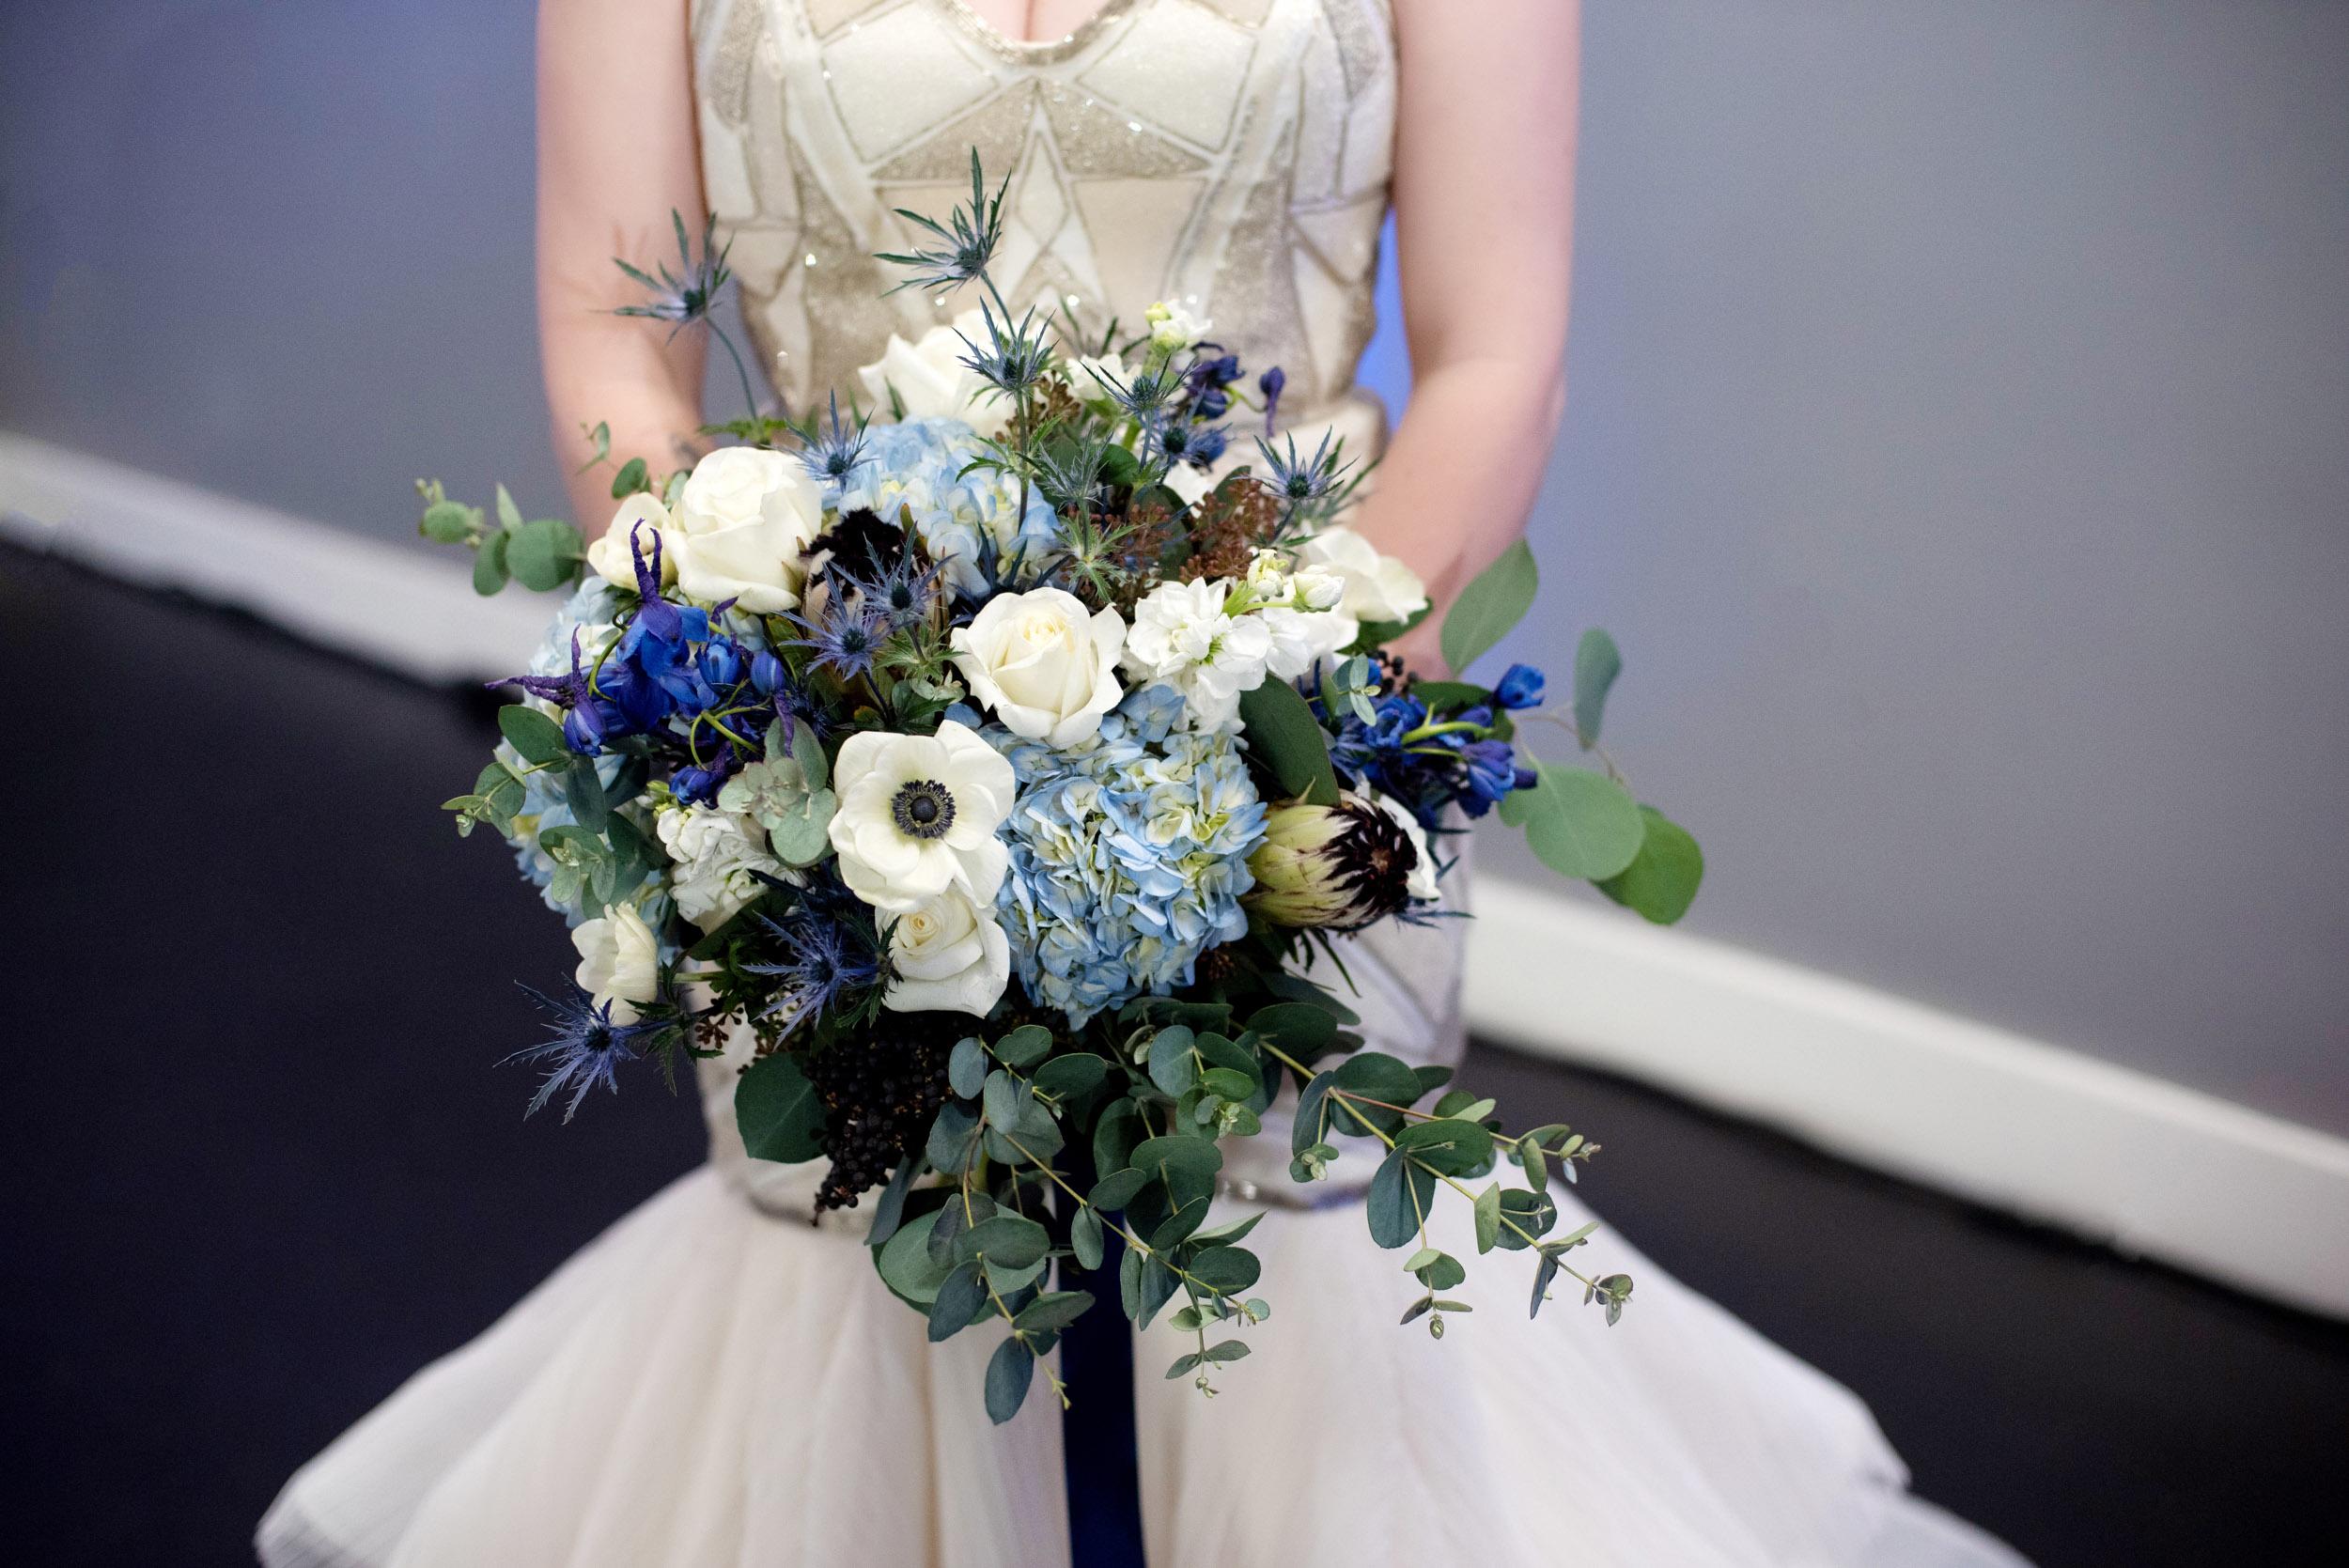 blue hydrangea, blue ribbon, blue bouquet, elegant romantic bouquet, high end luxury flowers, luxury wedding florist, bride bouquet, portland florist, portland wedding florist